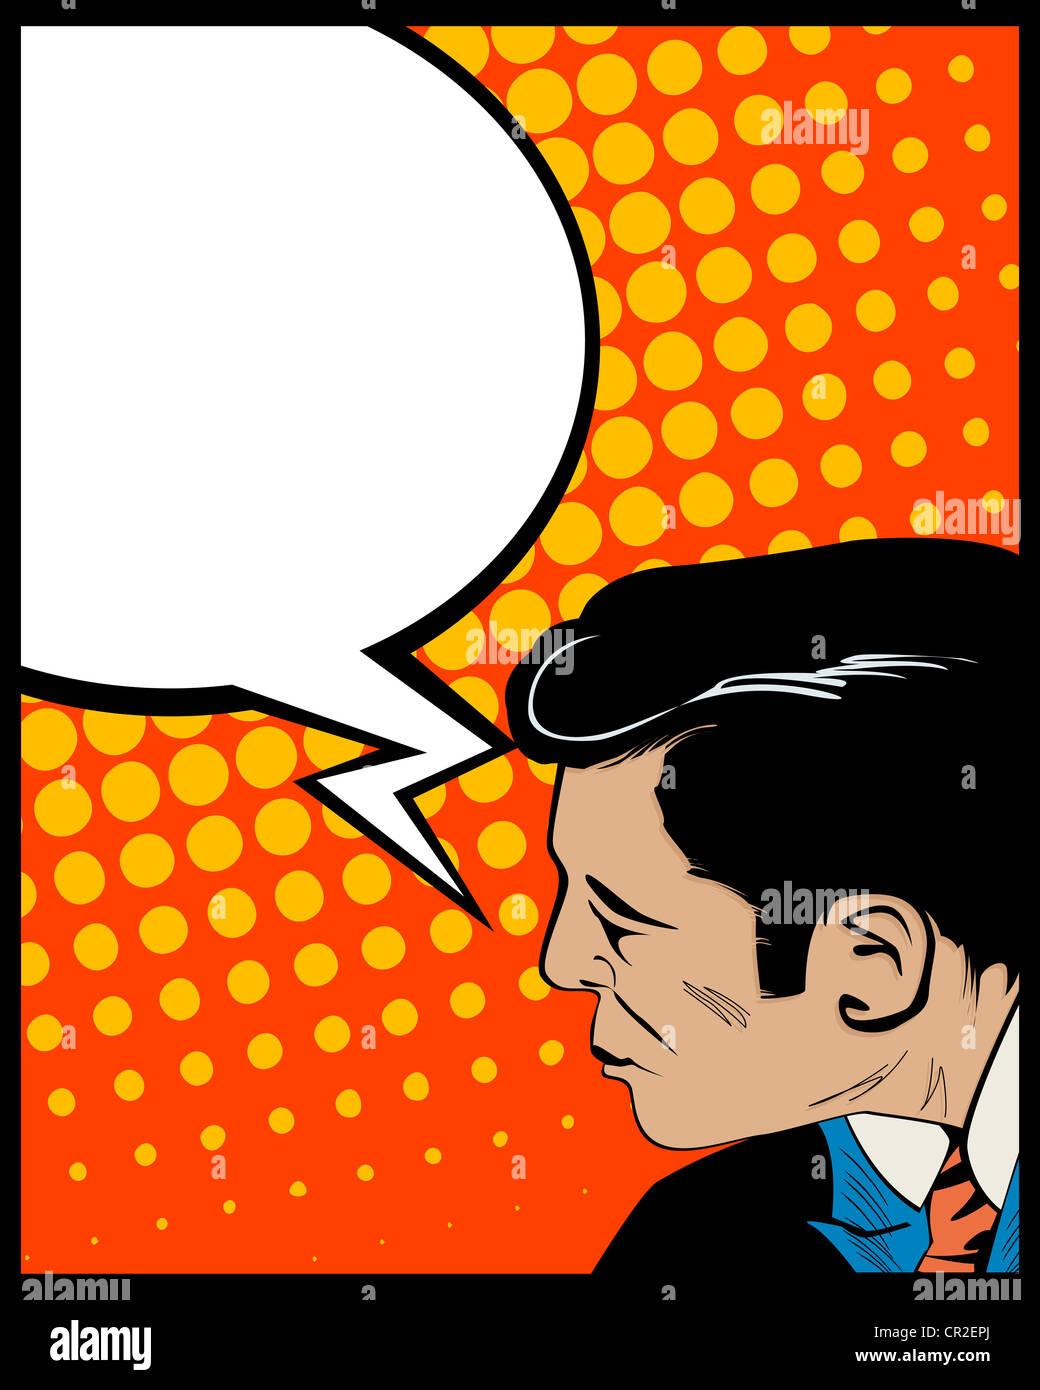 La Pop Art stile grafico con l uomo e il discorso bolla Foto Stock